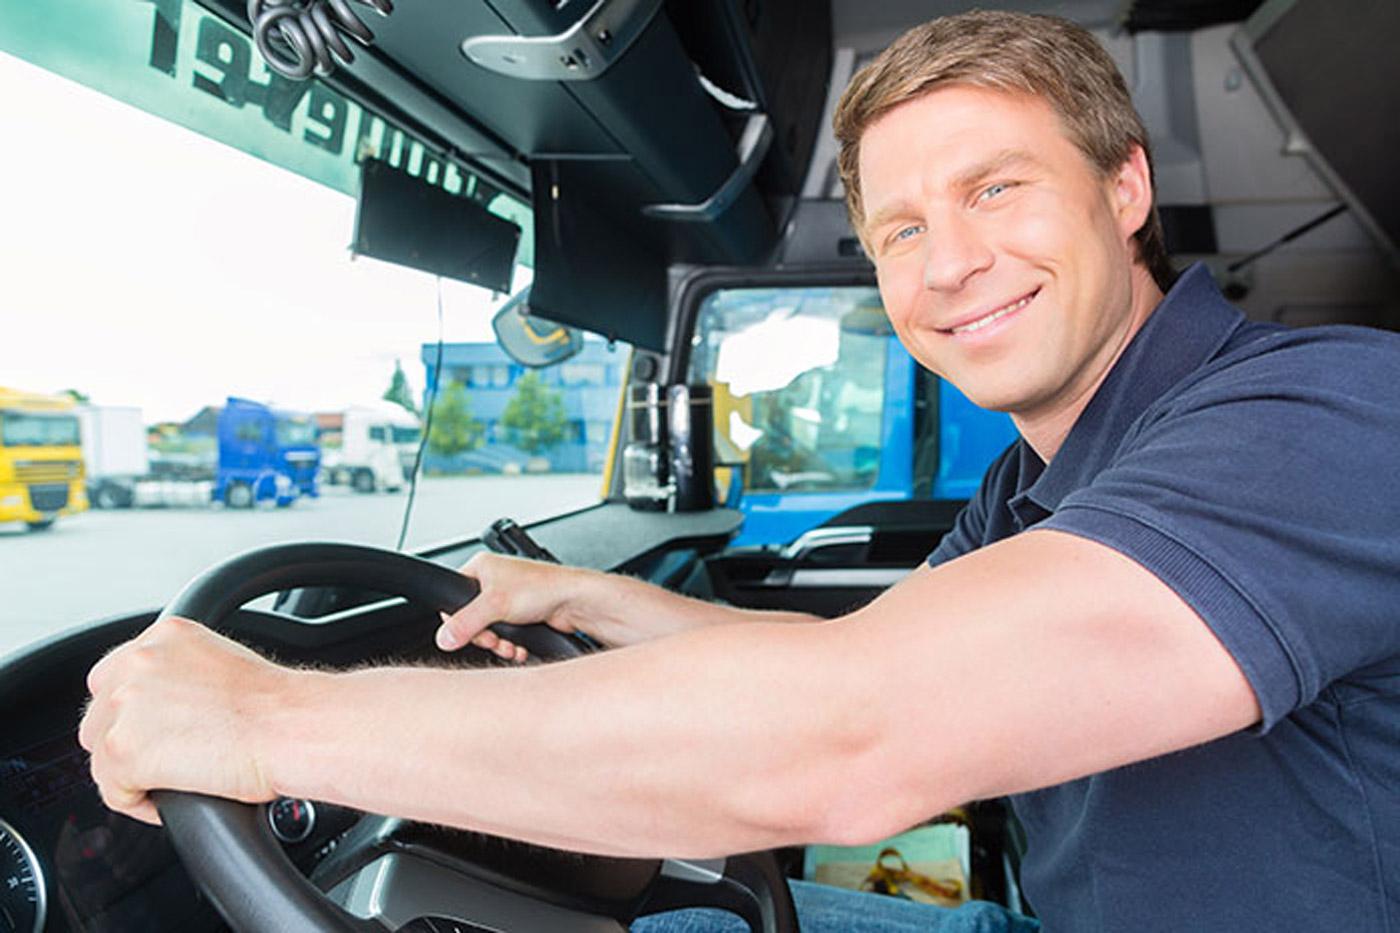 Чтобы развеять усталость 5% водителей грузовиков поет за рулем